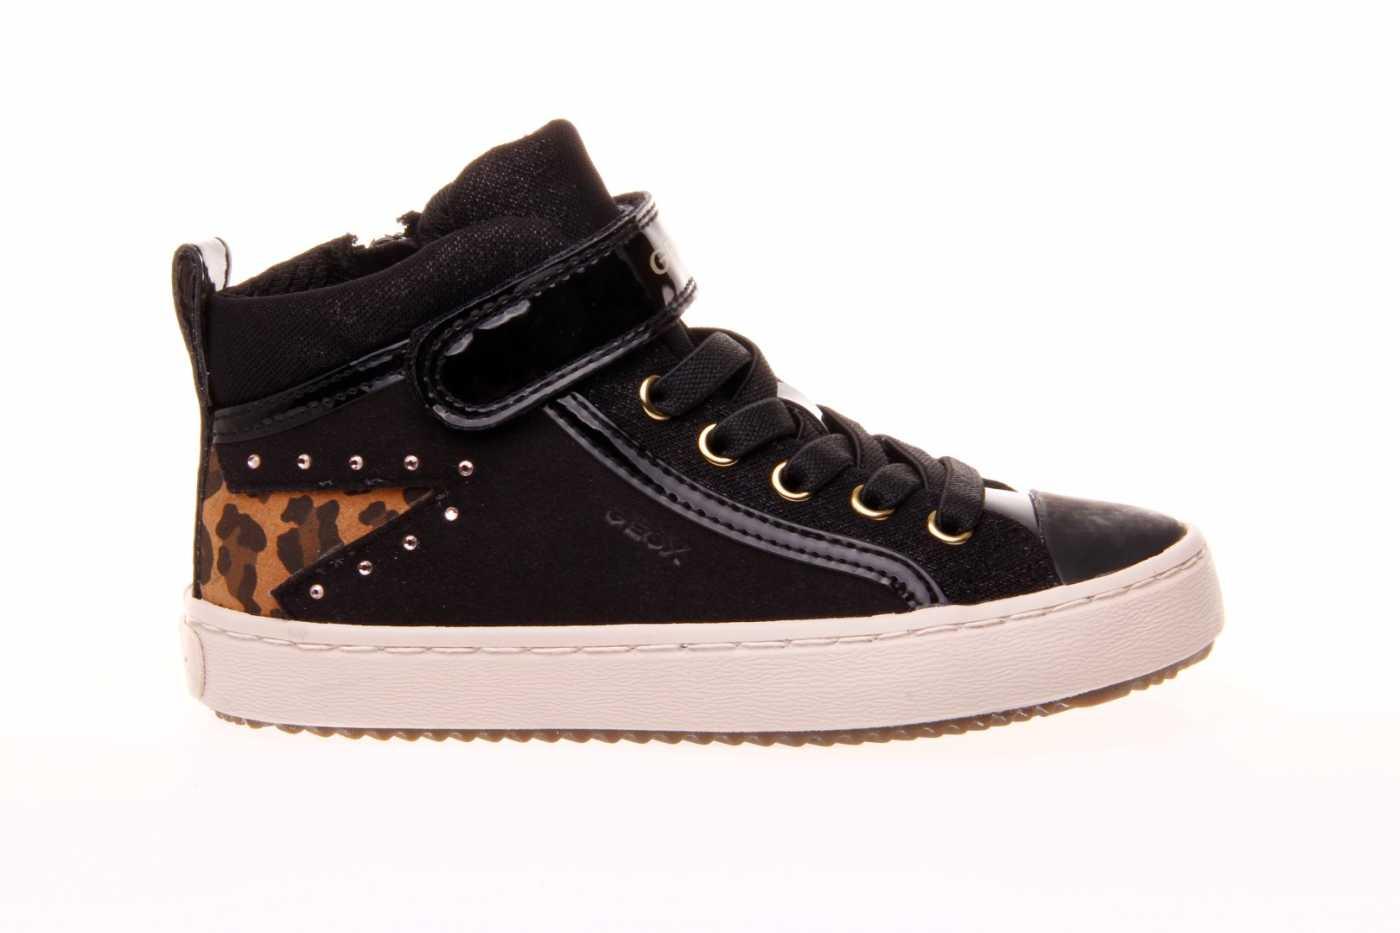 angustia Matemáticas Montaña Kilauea  Comprar zapato GEOX para JOVEN NIÑA estilo BOTINES-BOTA ALTA color NEGRO  PIEL